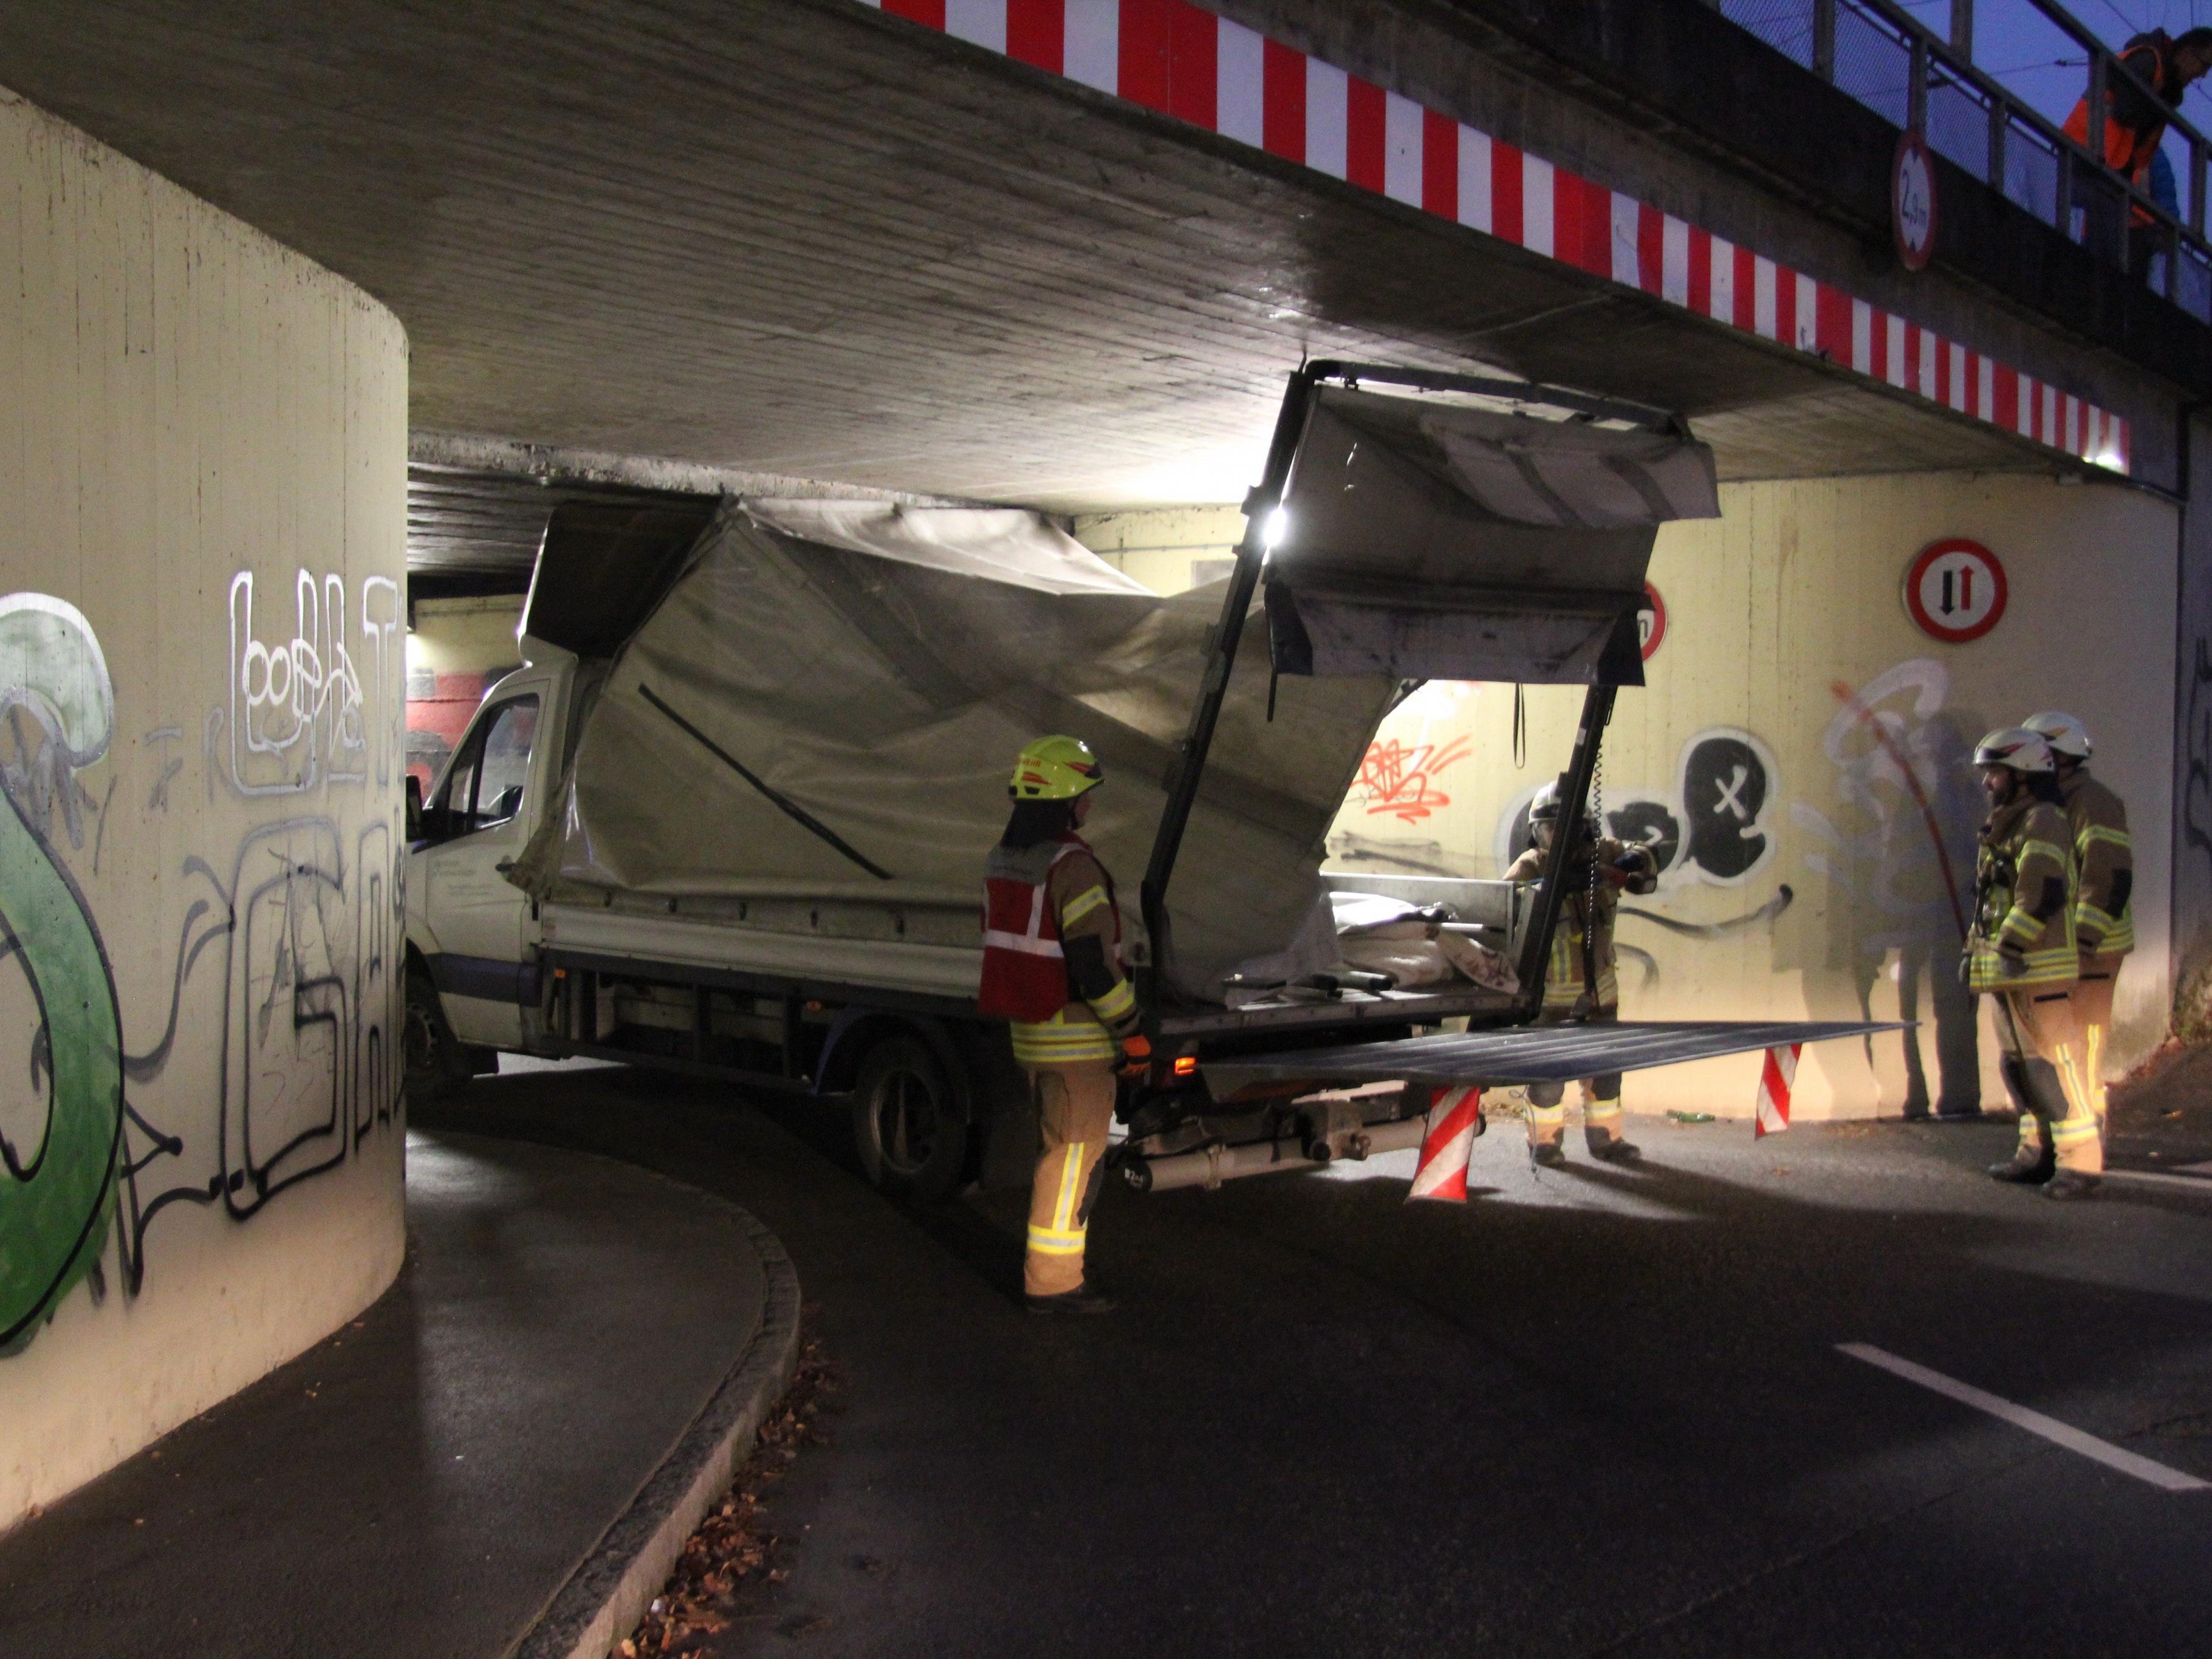 Der Unfall ereignete sich in der Schlachthausstraße in Dornbirn.